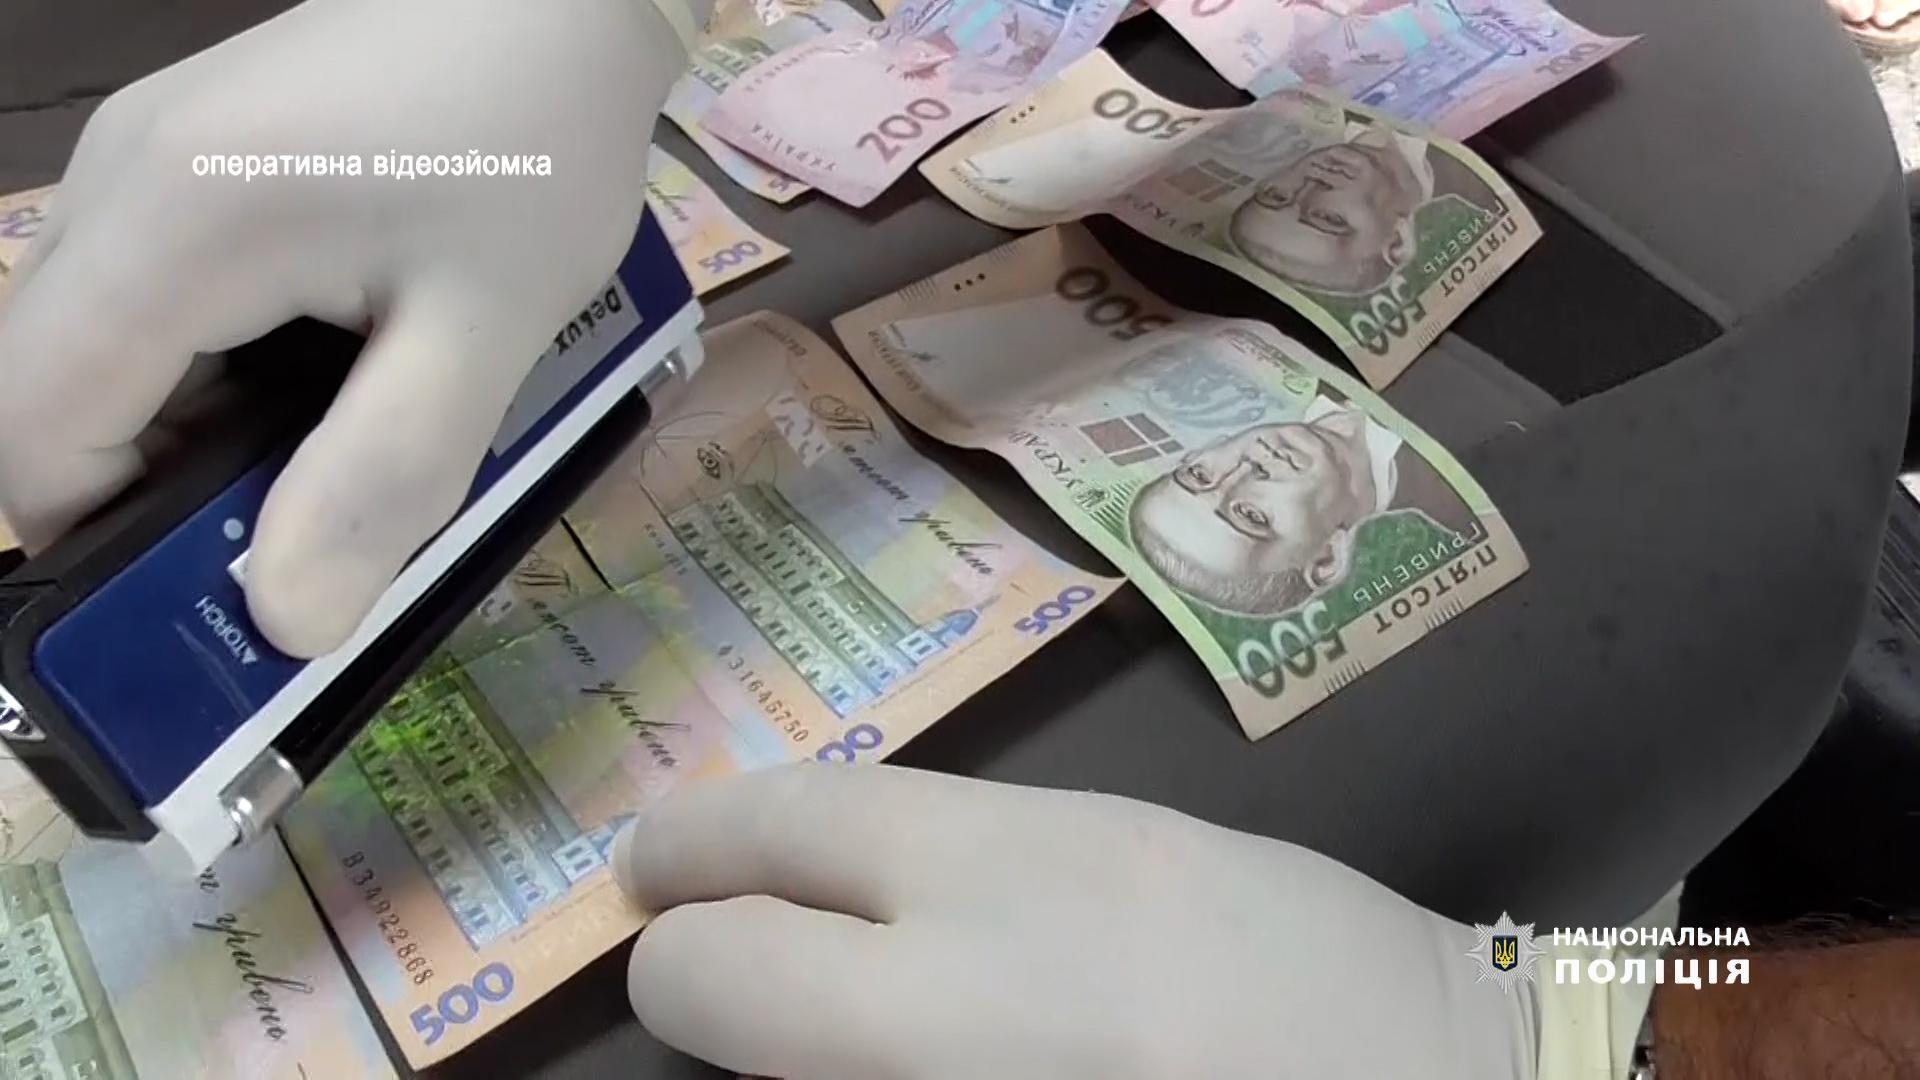 На Тернопільщині викладач коледжу вимагав хабаря у студента за допомогу в отриманні посвідчення водія